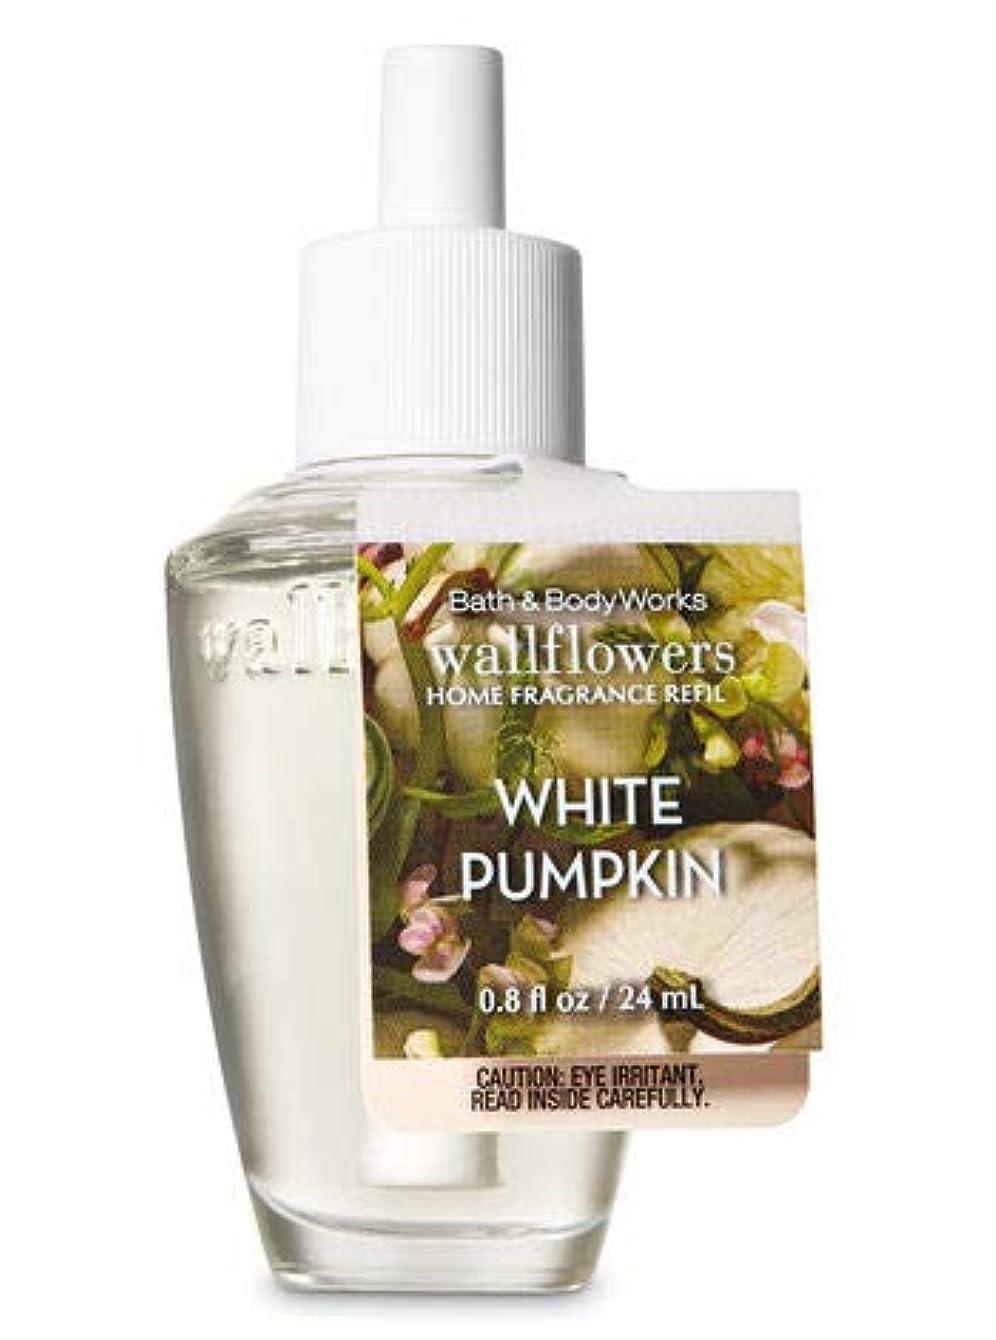 提案声を出してインディカ【Bath&Body Works/バス&ボディワークス】 ルームフレグランス 詰替えリフィル ホワイトパンプキン Wallflowers Home Fragrance Refill White Pumpkin [並行輸入品]